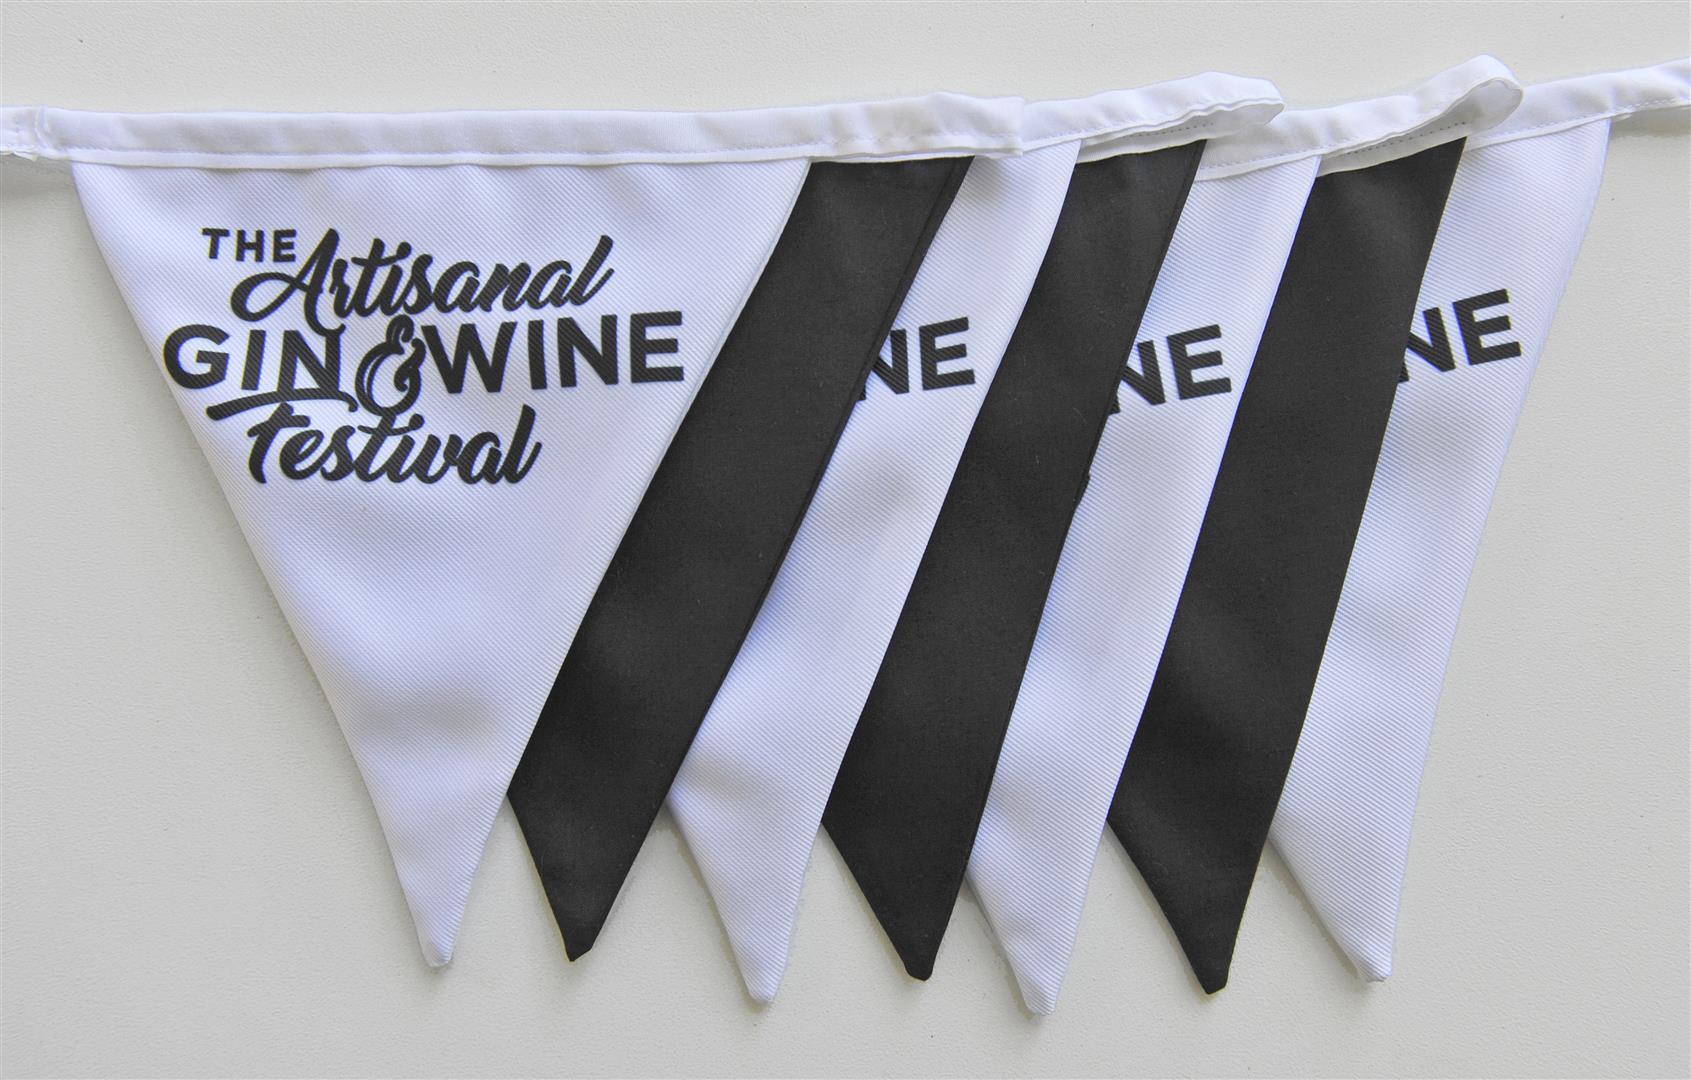 The Artisanal Gin & Wine Festival